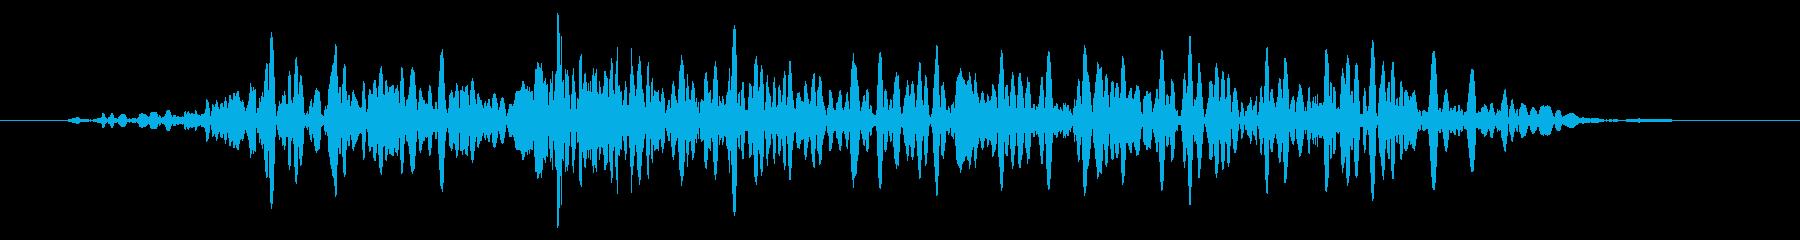 カエル モンスター キャラタップ 悲しみの再生済みの波形